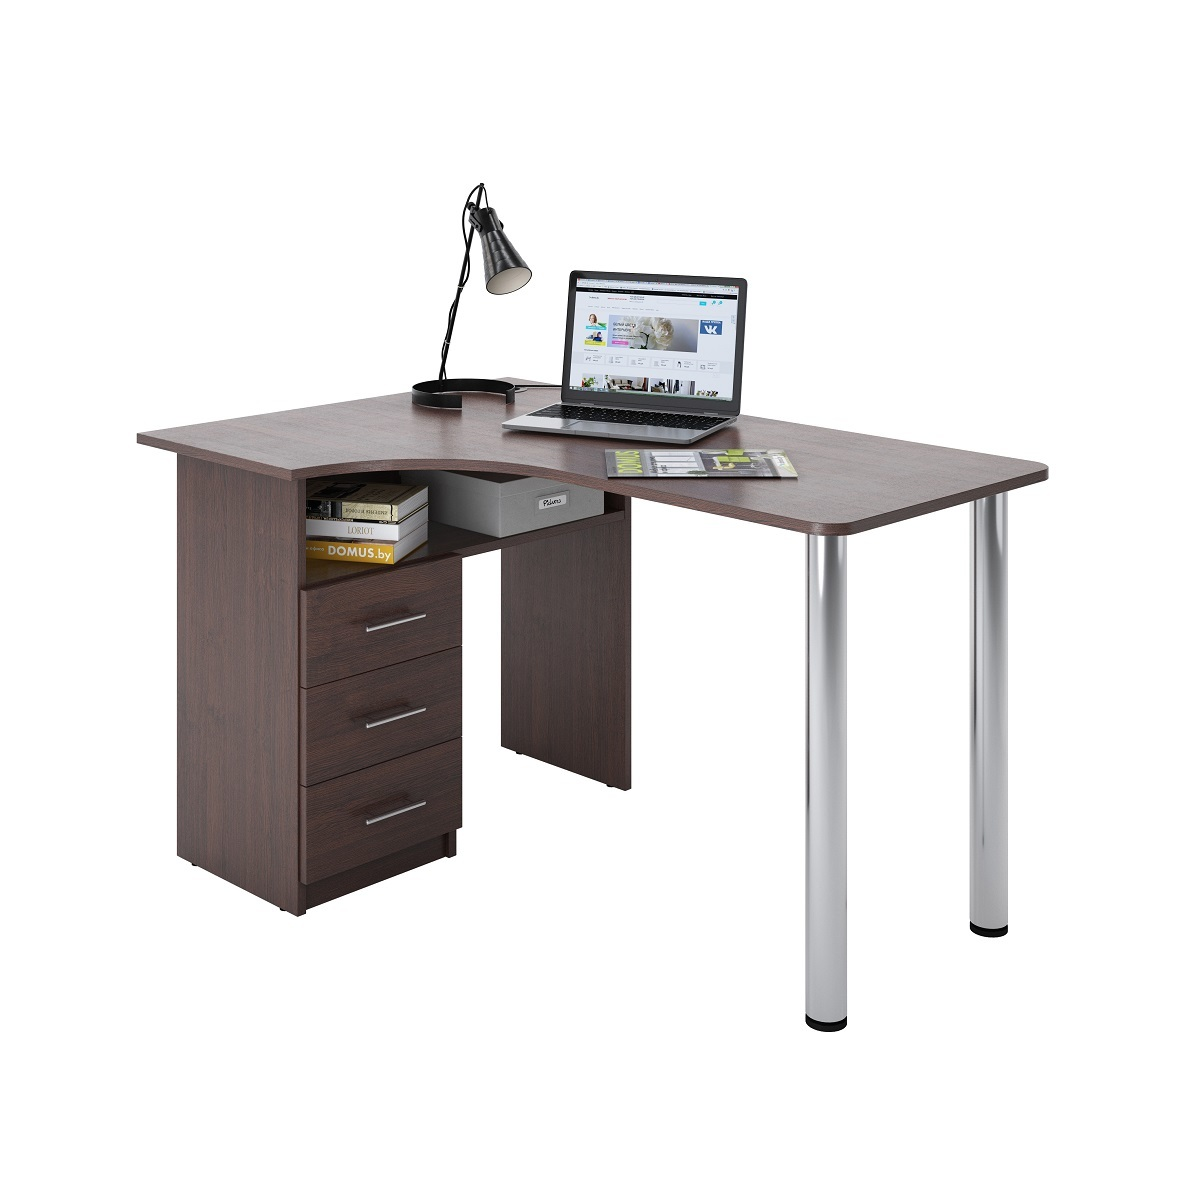 Угловой письменный стол ДОМУС Клер-1 венге